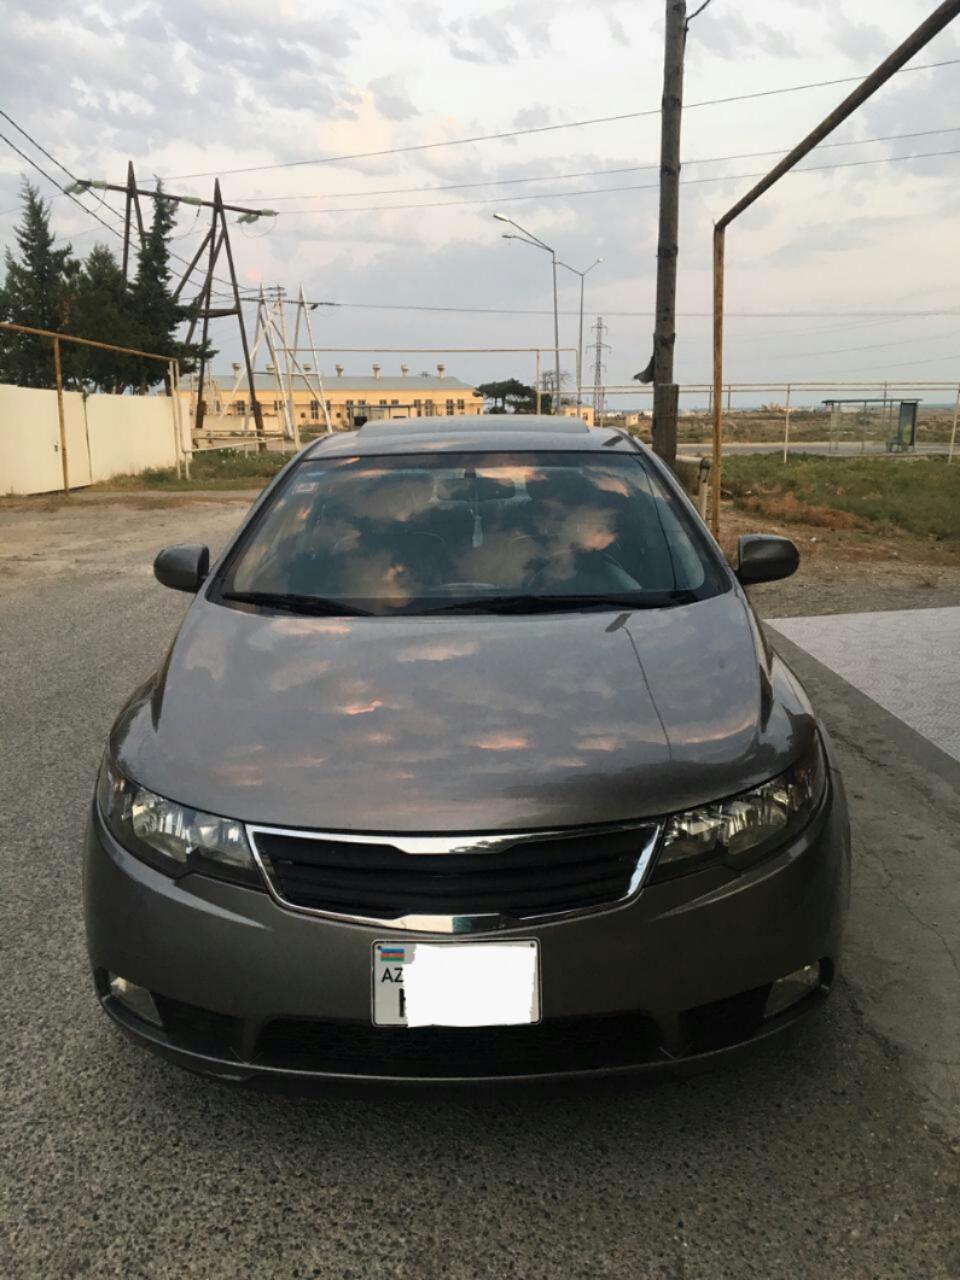 Kia Cerato 1.6(lt) 2011 Подержанный  $9200